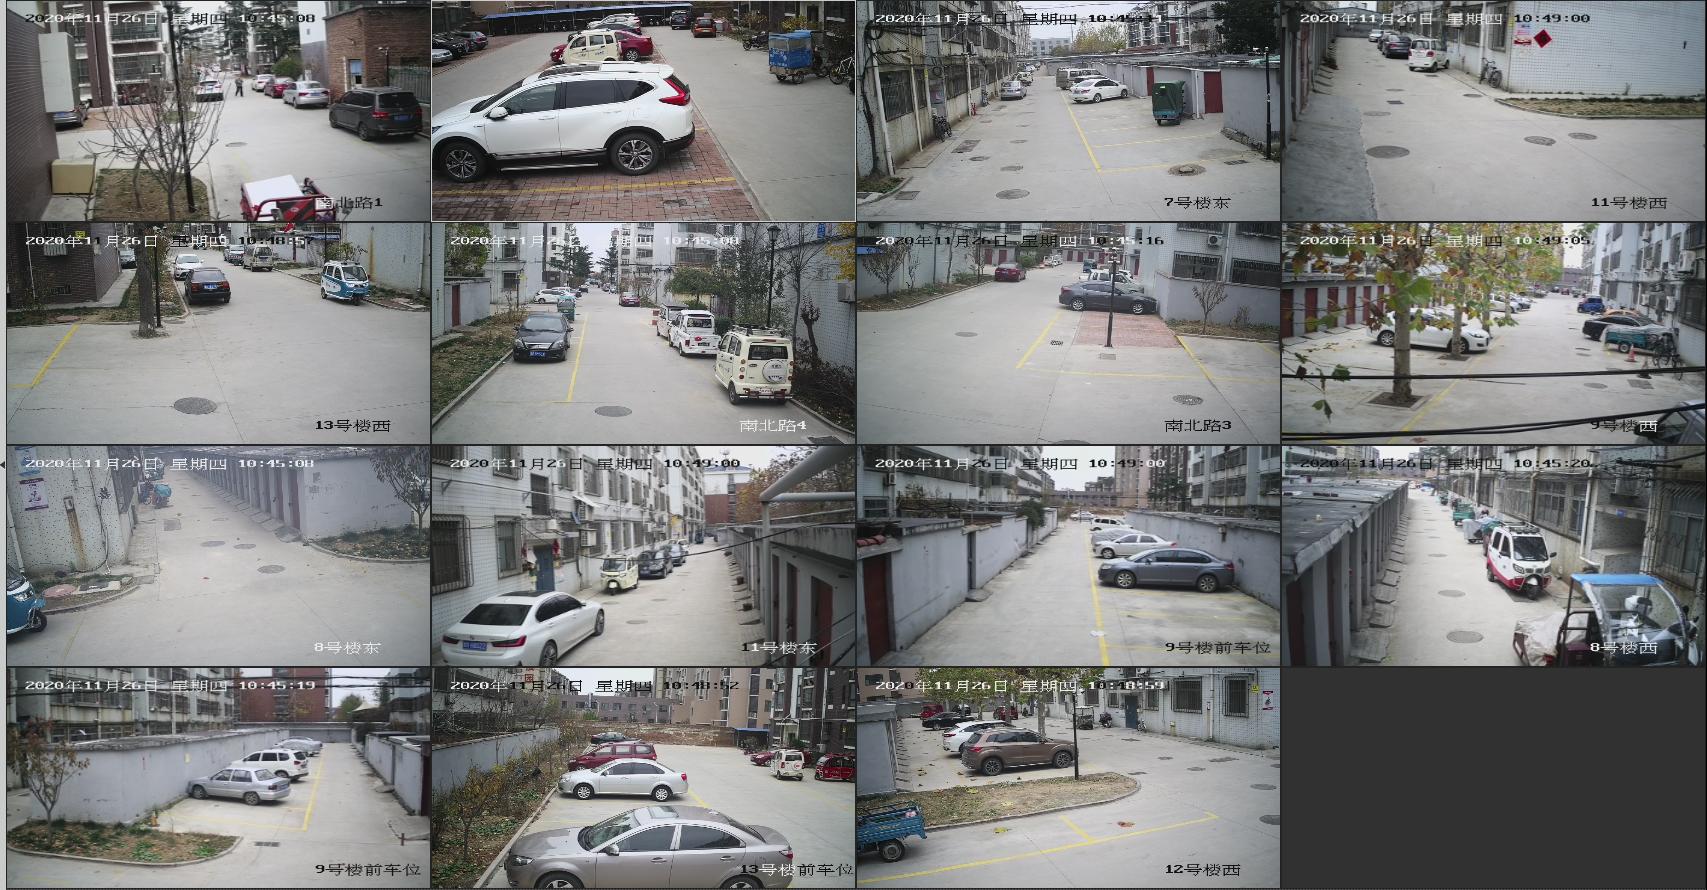 山东华展集团建筑工程有限公司社区视频汇聚项目截图